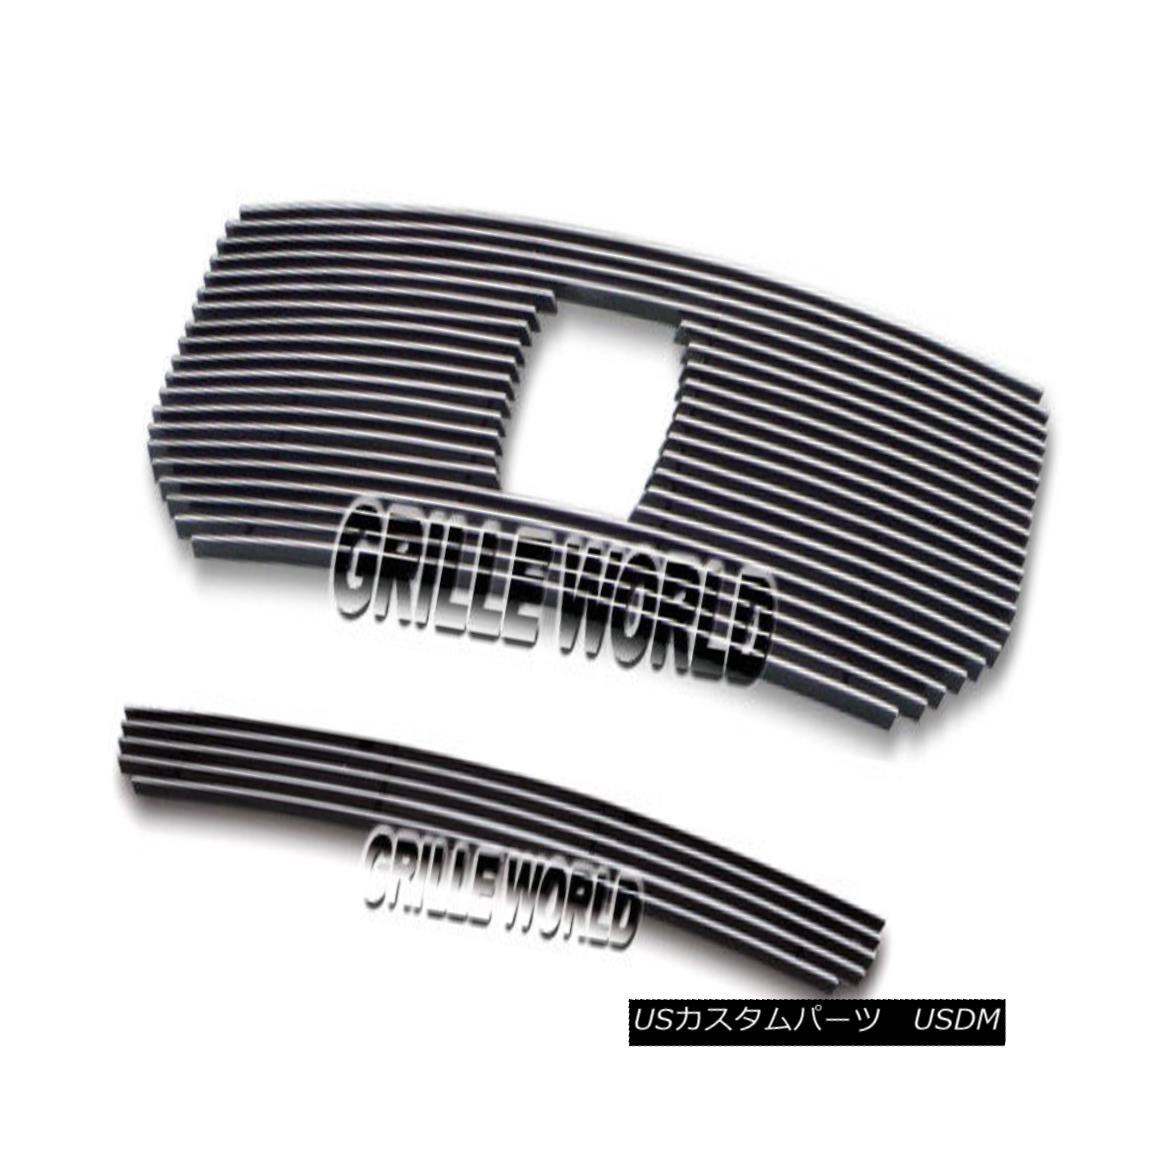 グリル Customized For 09-10 Honda Ridgeline Billet Premium Grille Insert Combo 09-10ホンダリッジラインビレットプレミアムグリルインサートコンボ用にカスタマイズ